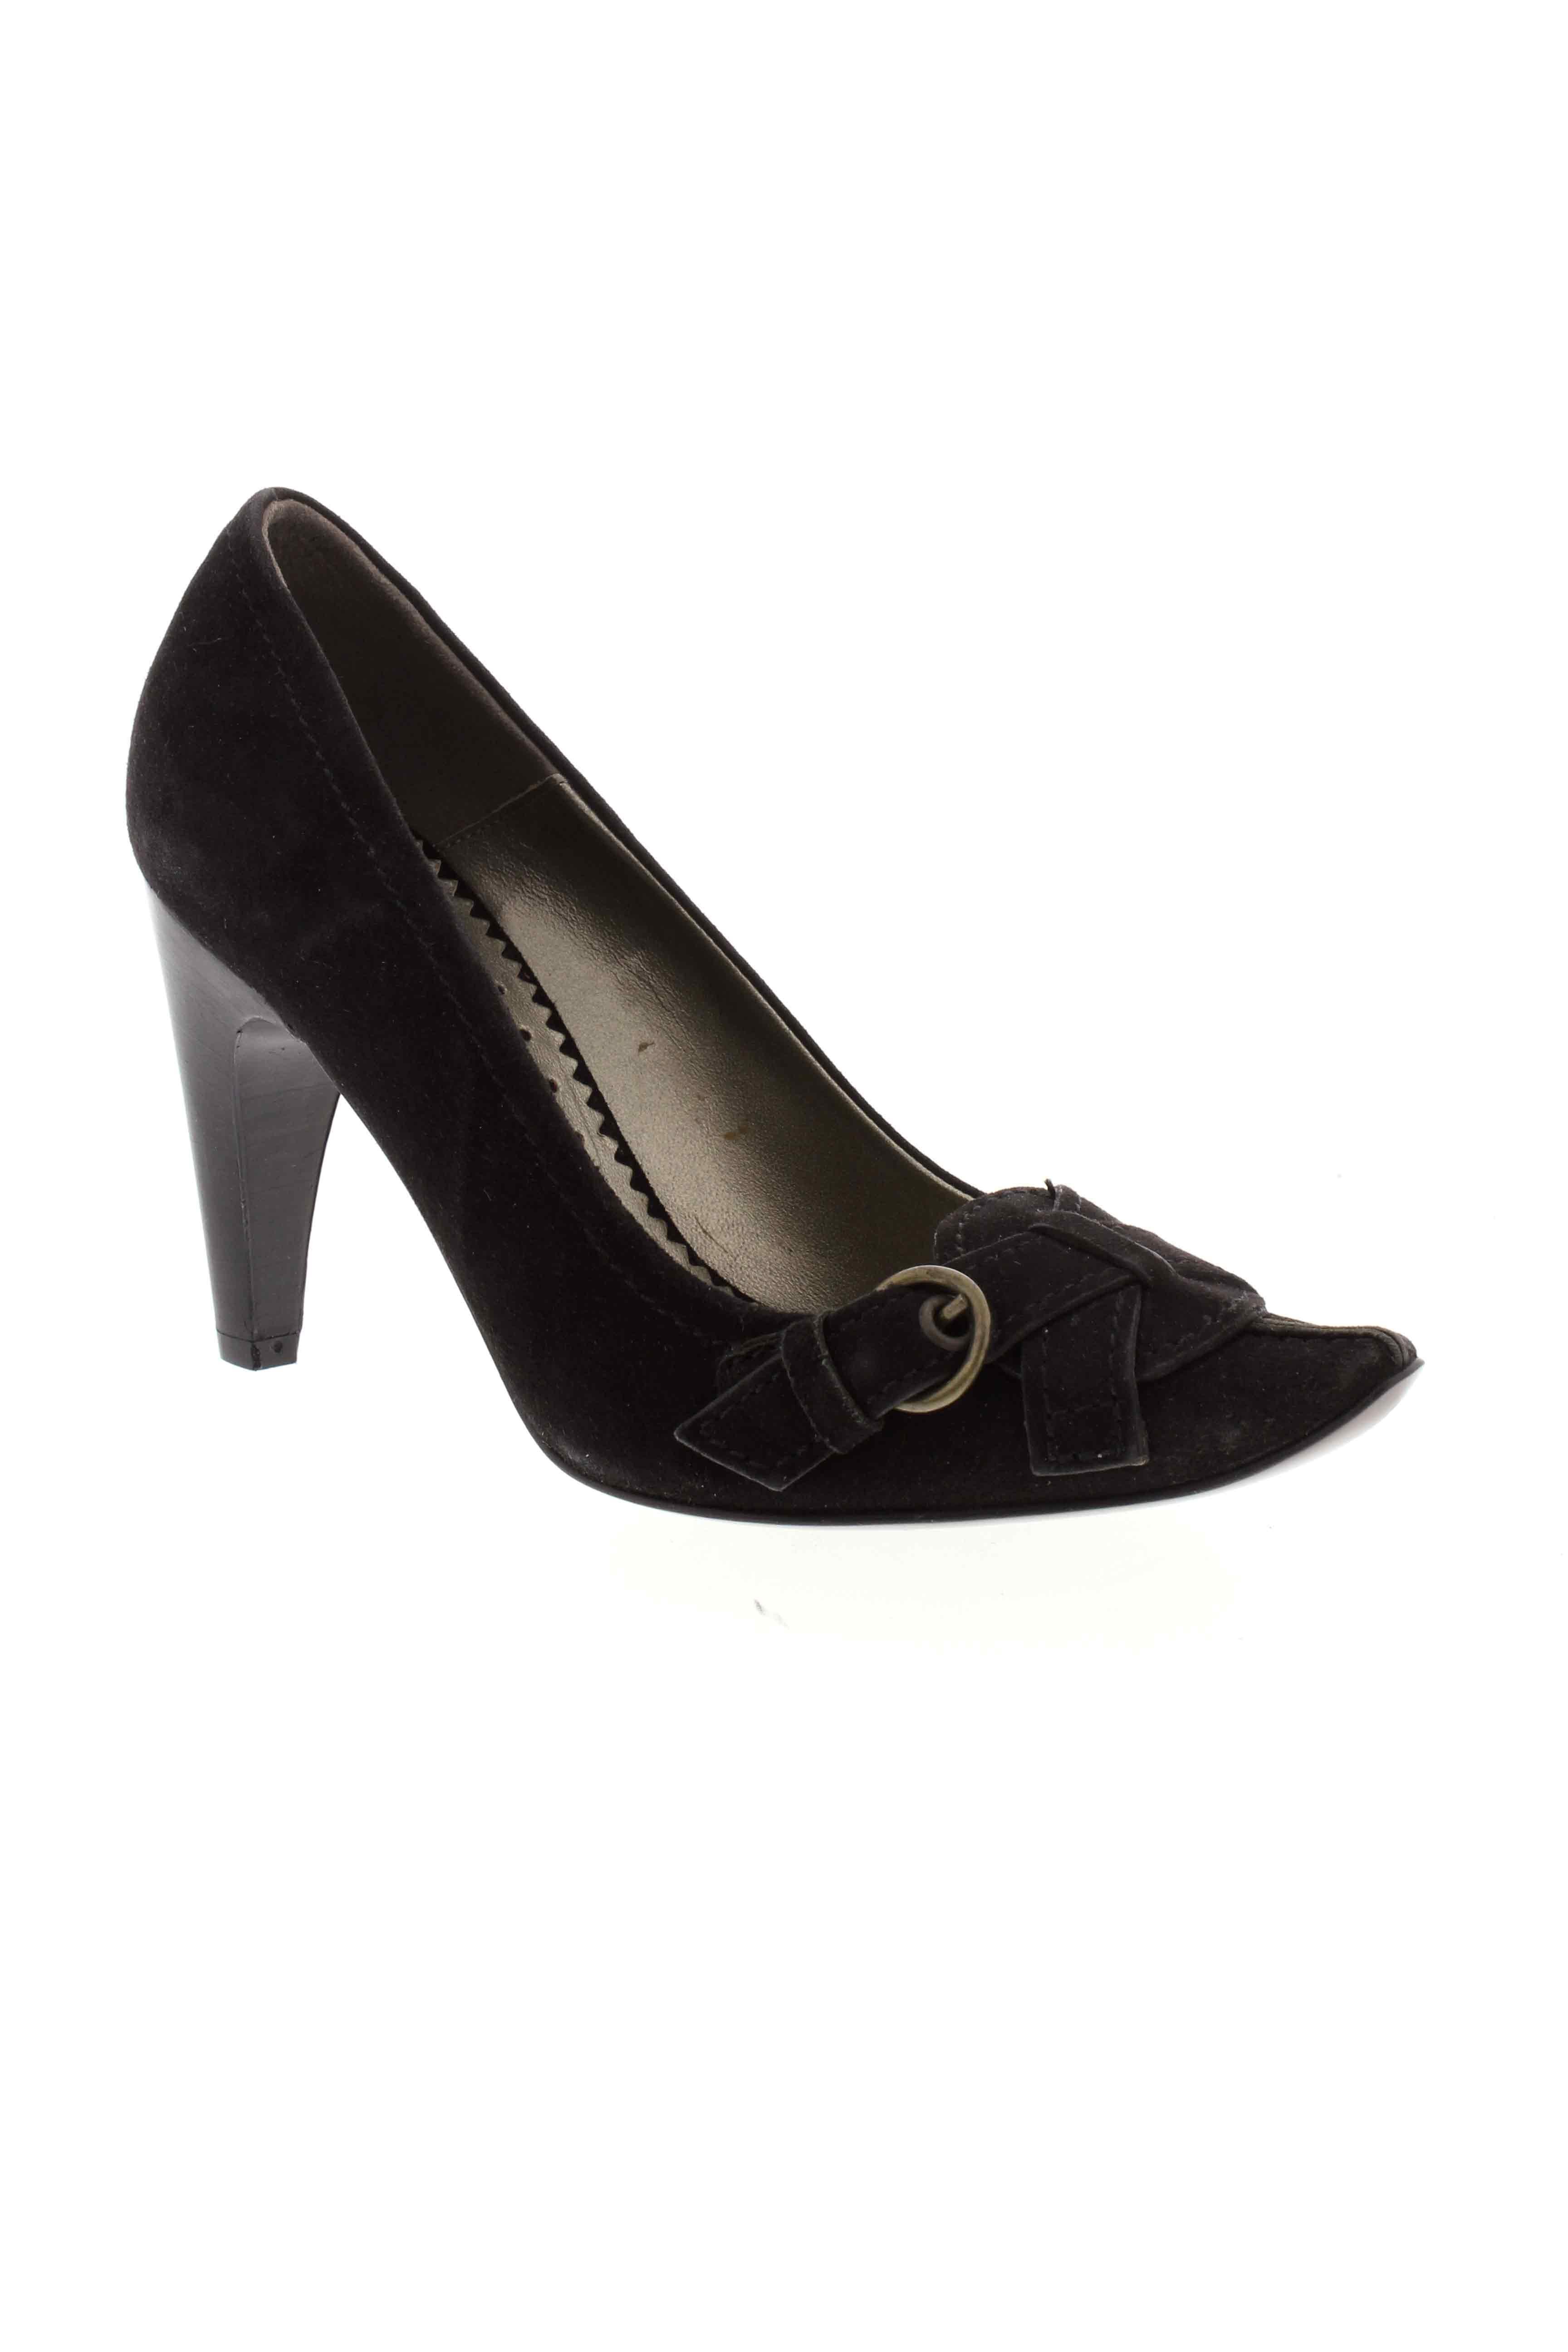 Lat Fem Escarpins Femme De Couleur Noir En Soldes Pas Cher 899237-noir00